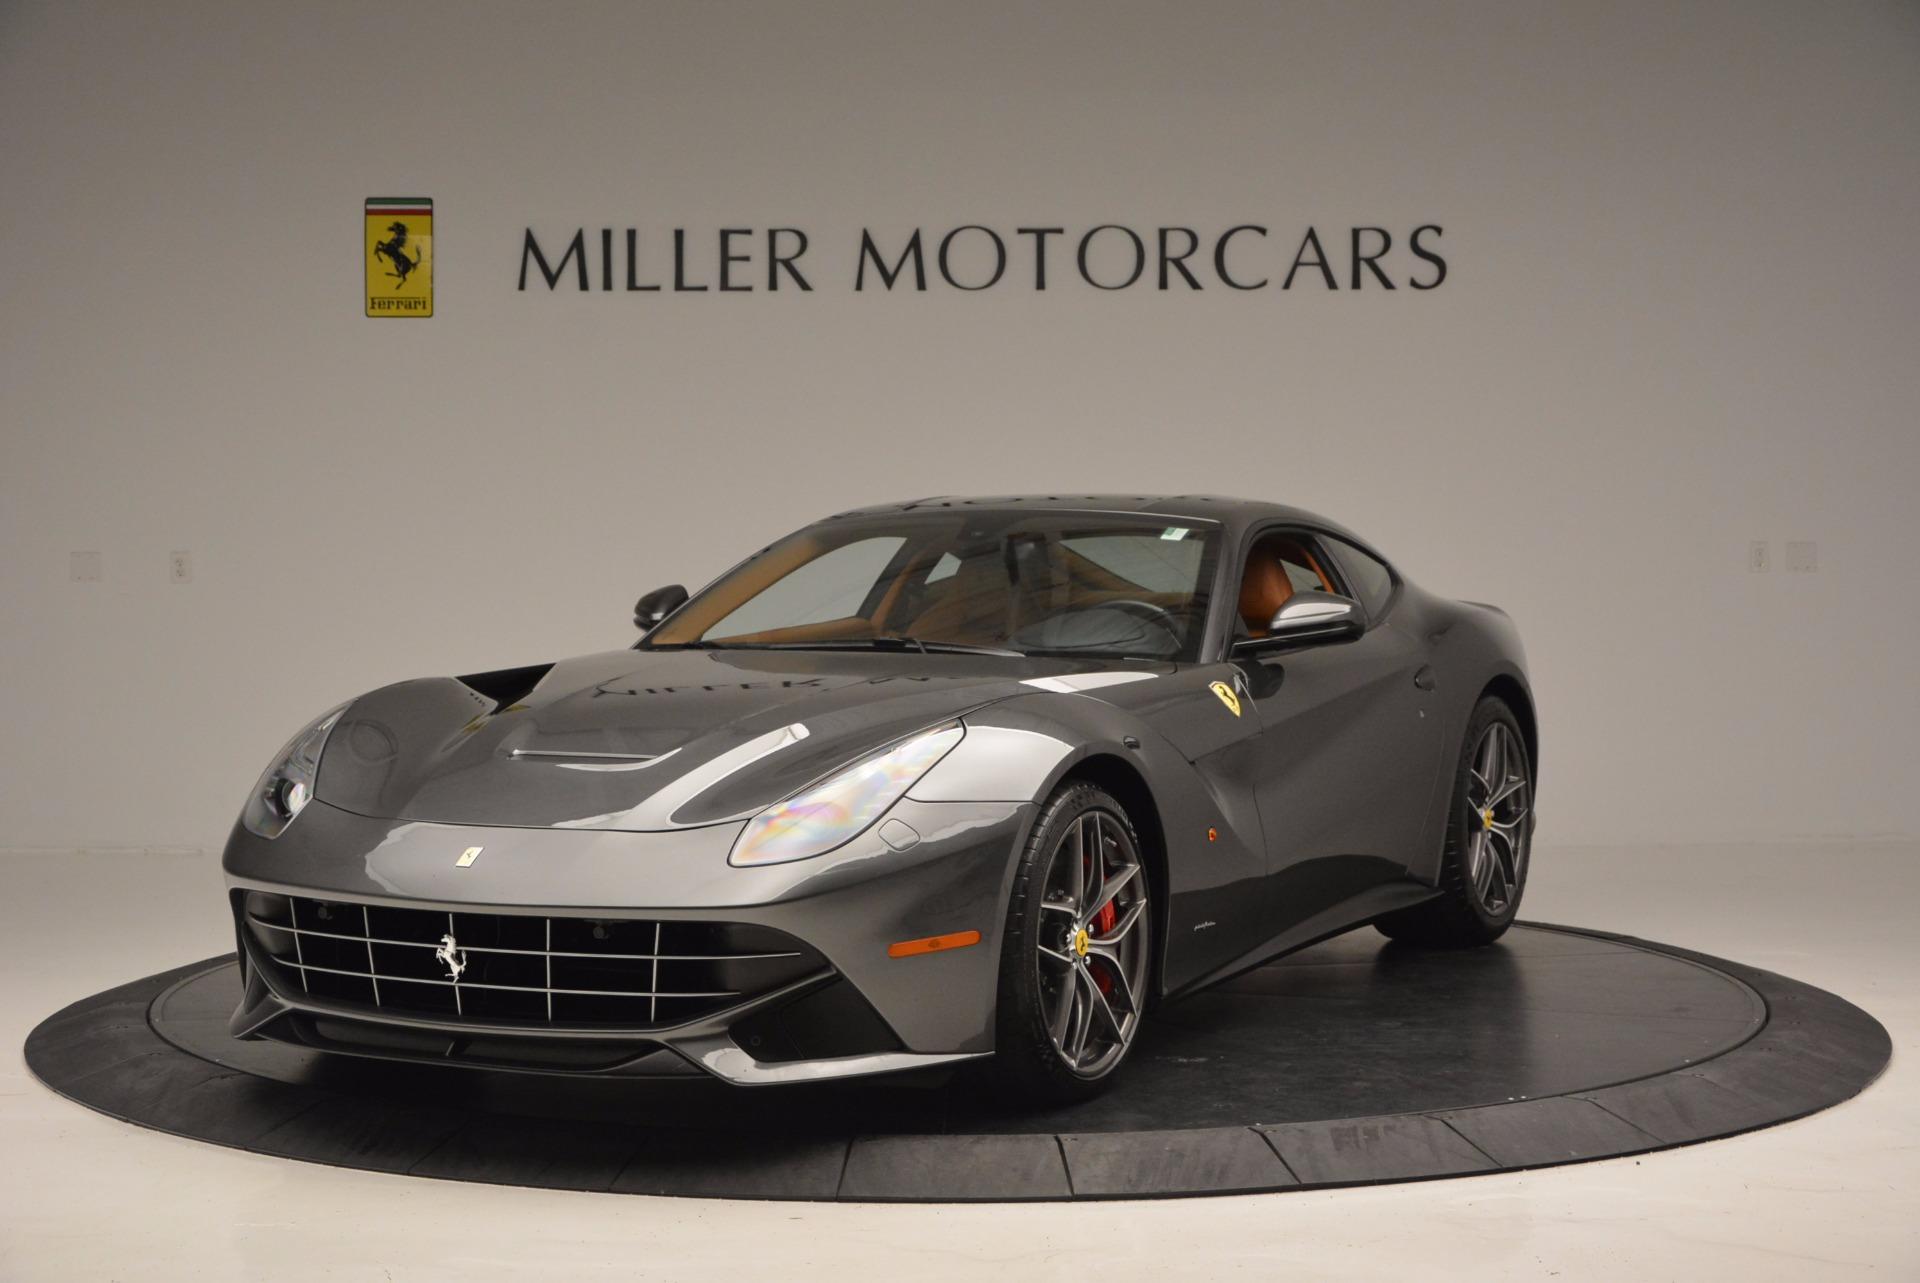 Used 2014 Ferrari F12 Berlinetta for sale Sold at Alfa Romeo of Westport in Westport CT 06880 1